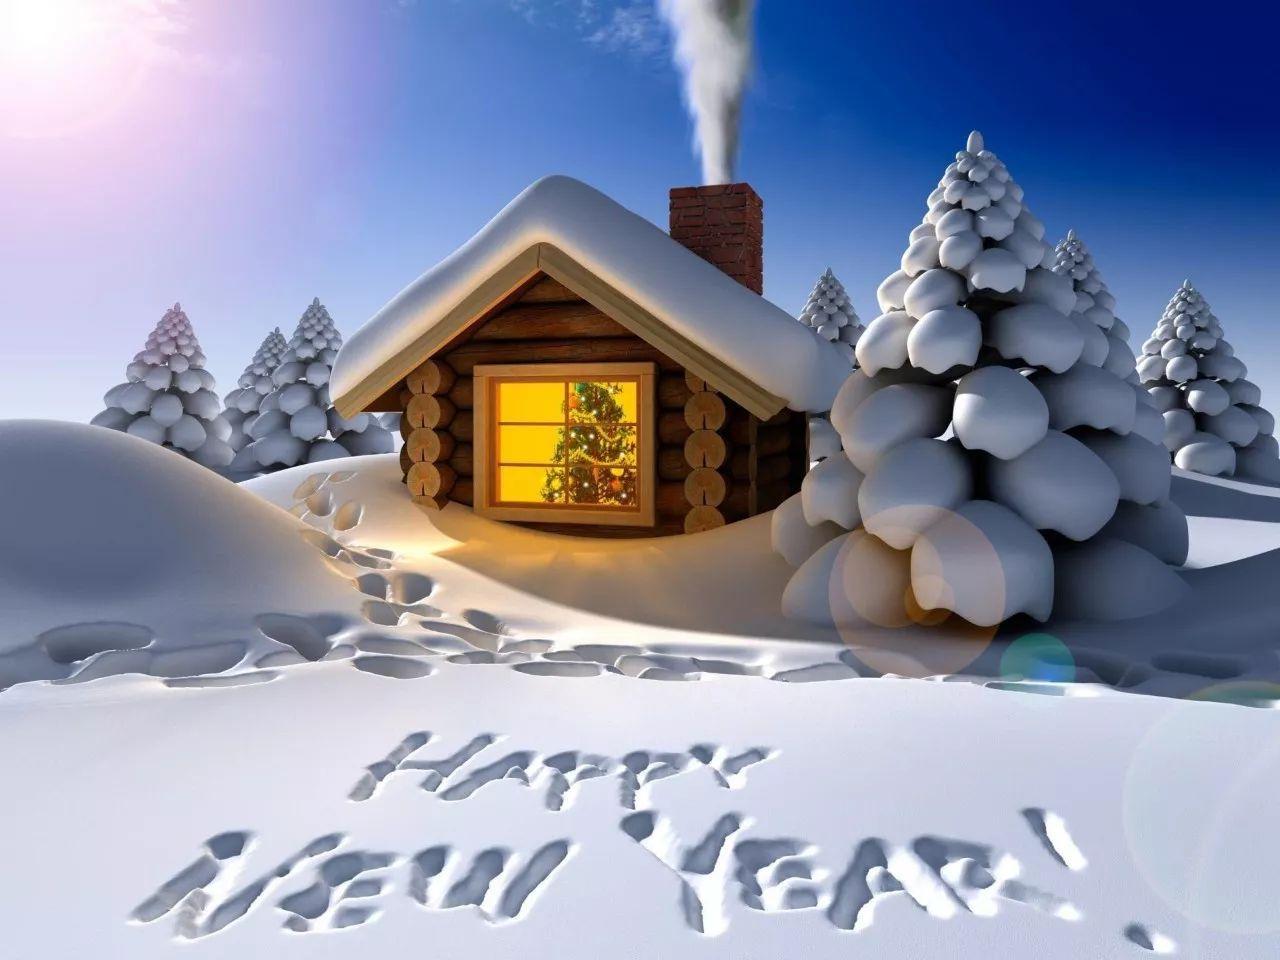 飘雪 冰雨 寒流 我们就这样迎来新的一年吗,未来几天的天气让人无语